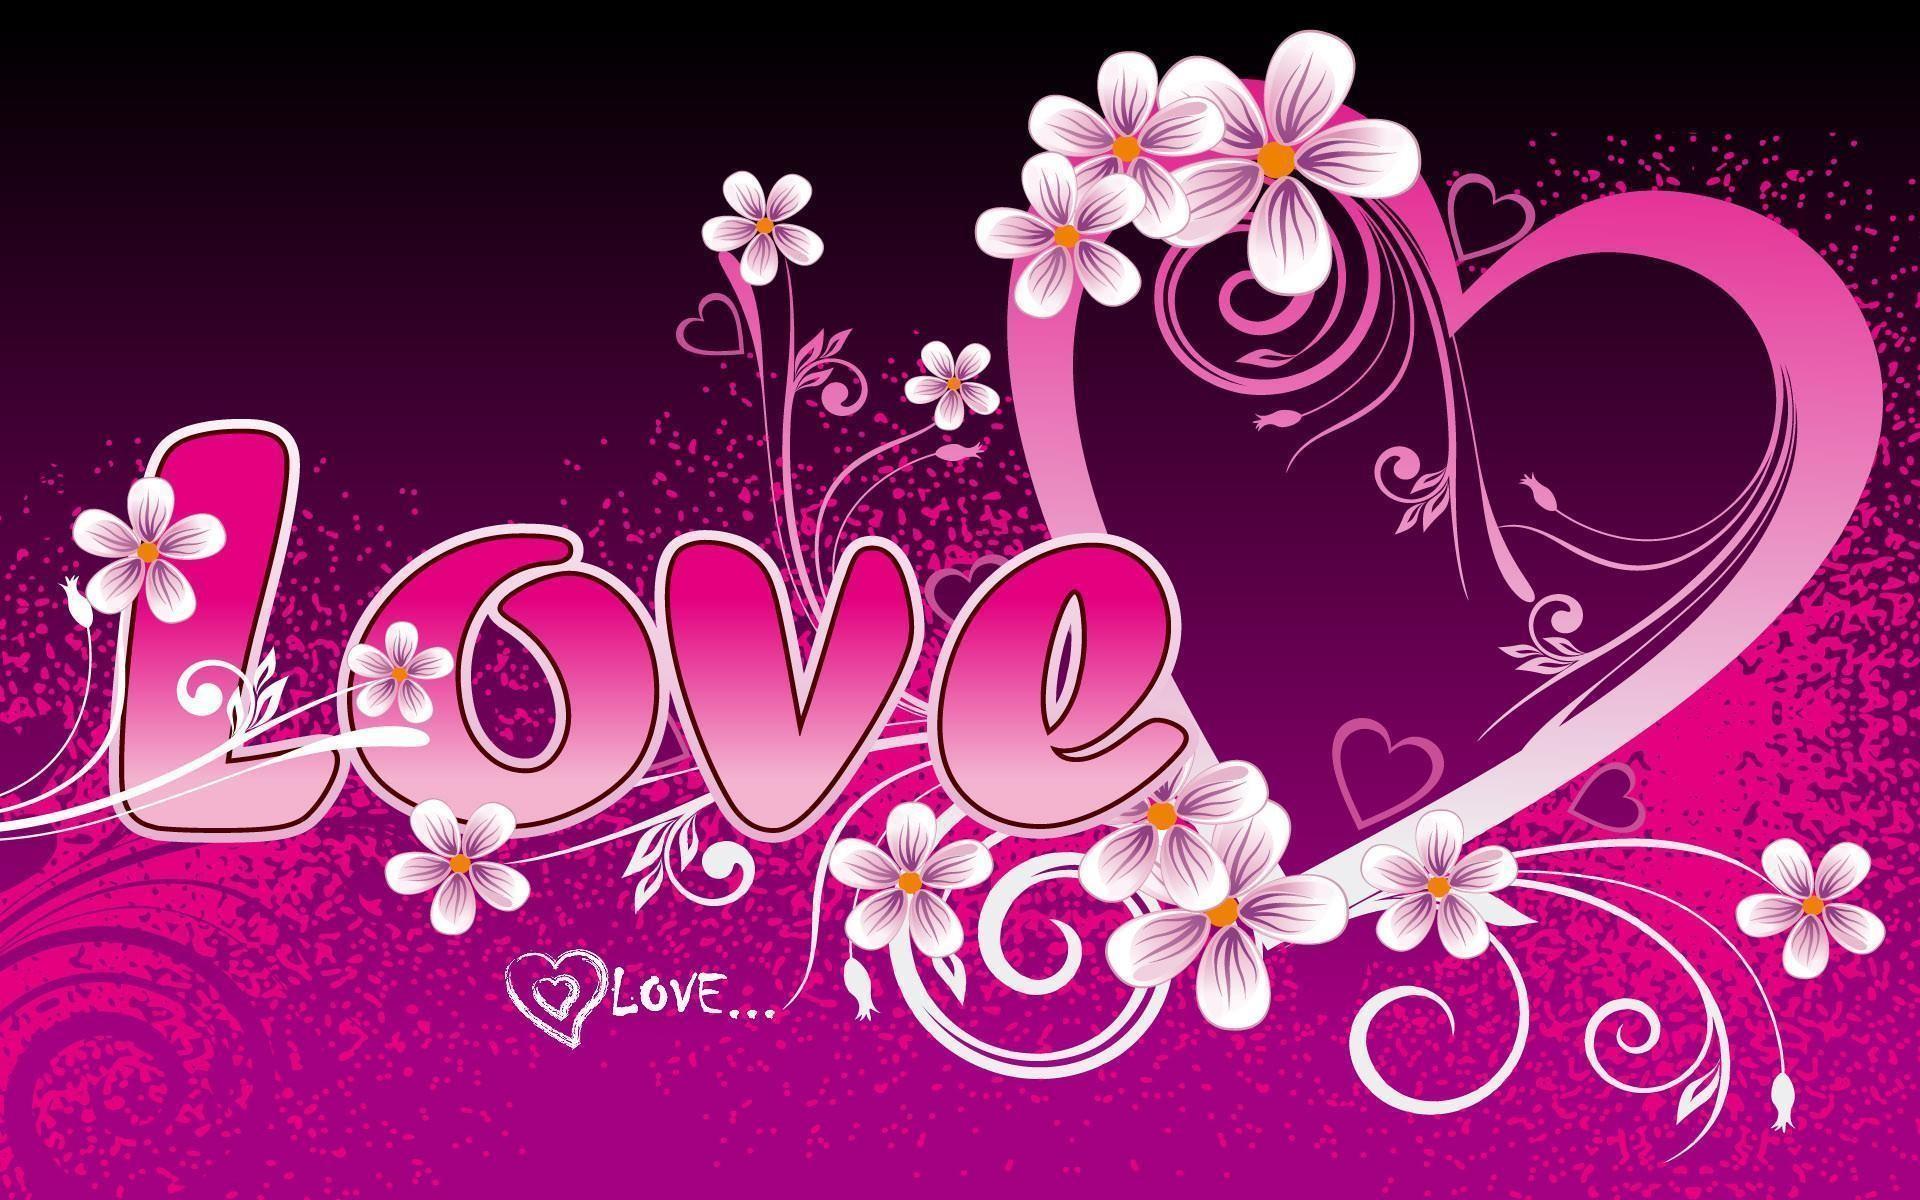 Love Heart HD Wallpaper #13523 Wallpaper computer | best .